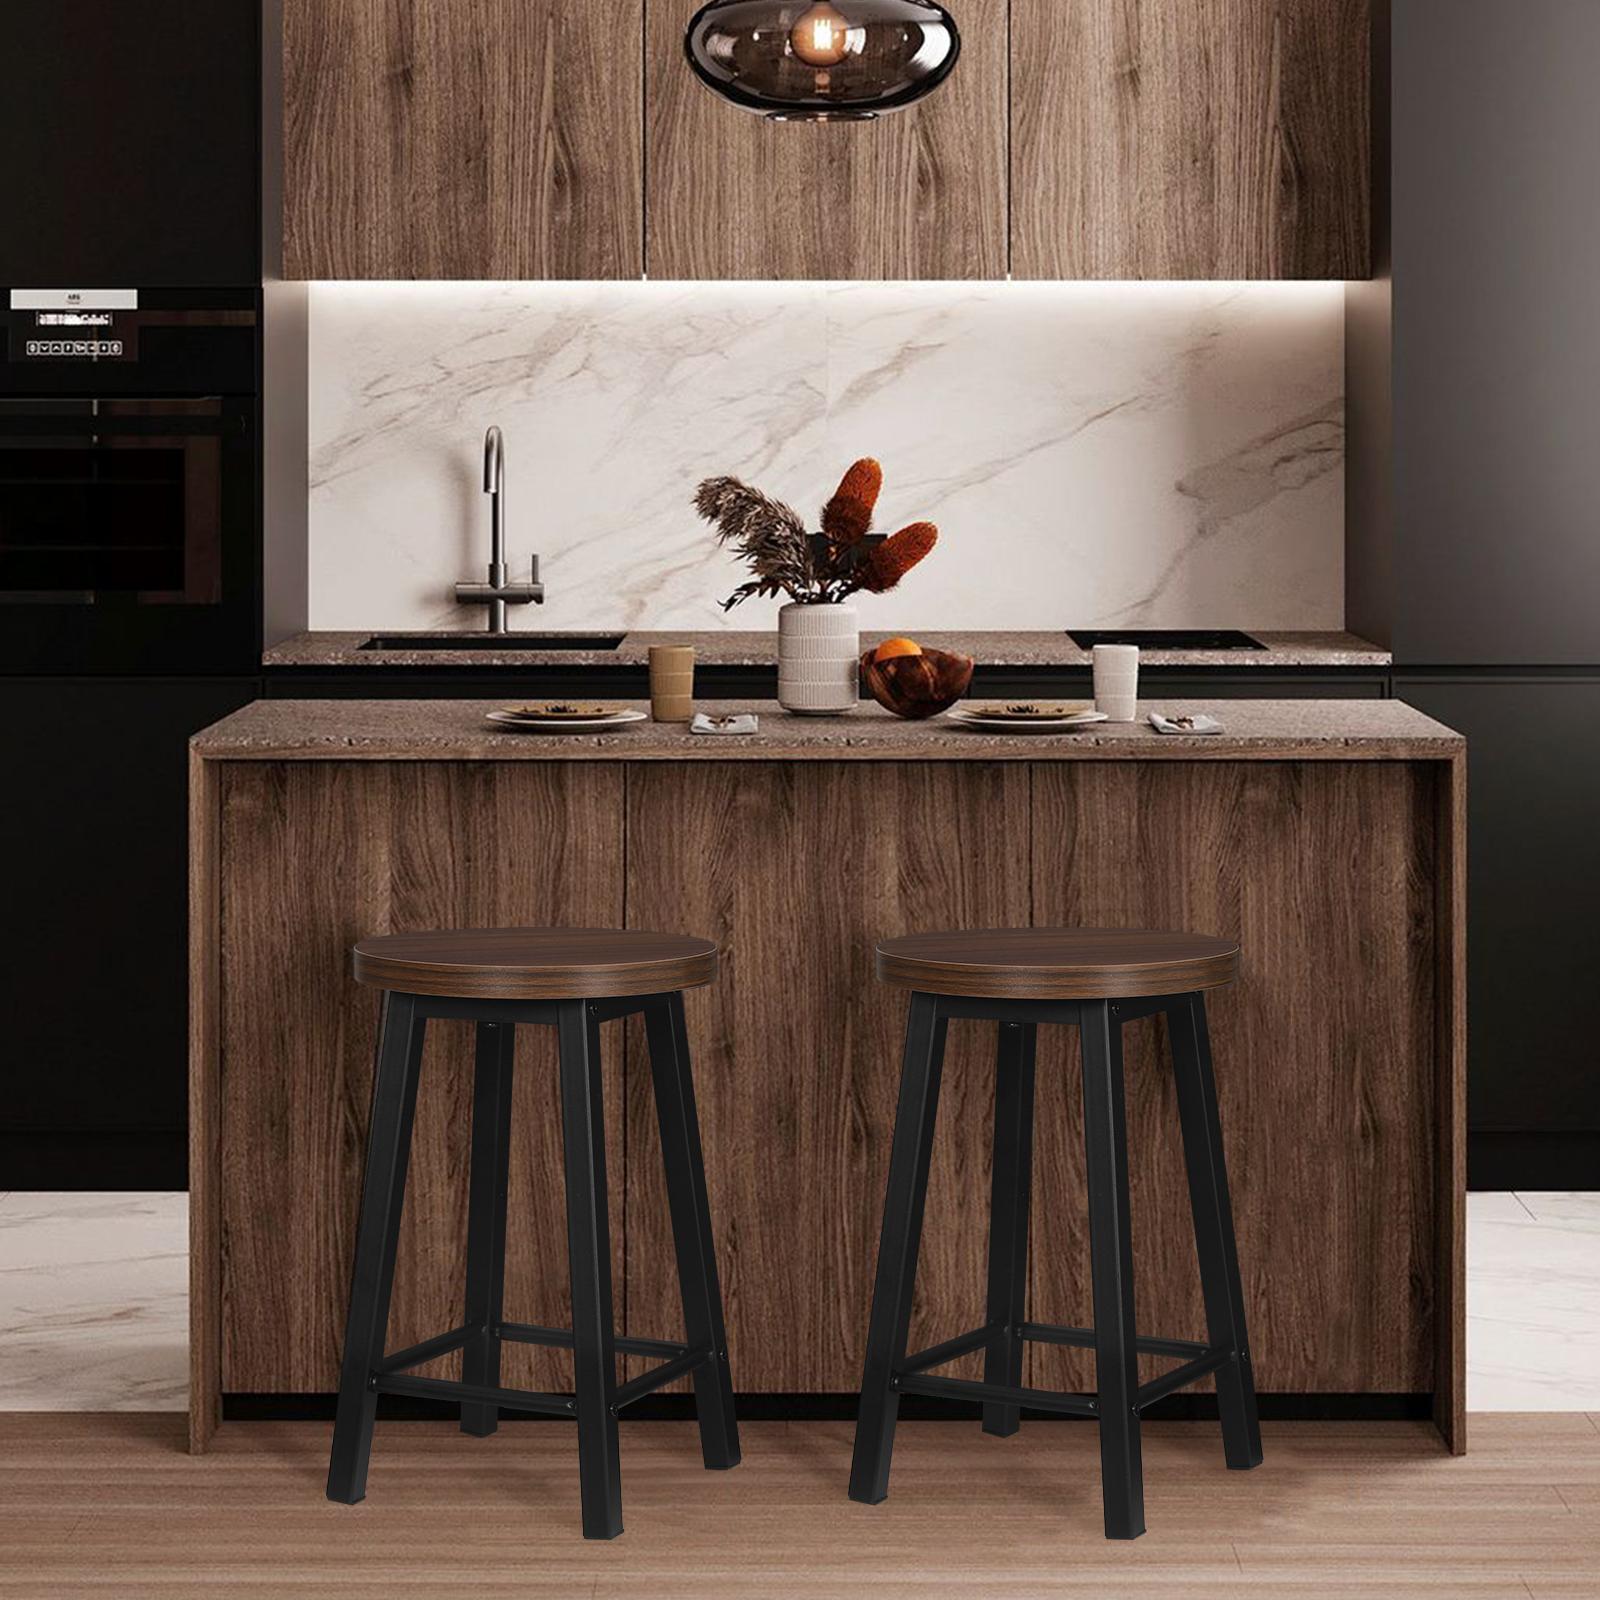 Indexbild 2 - 2 X Esszimmerstühle Küchenstühle aus Metall und Holz,Dunkelbuche BH297dc-2